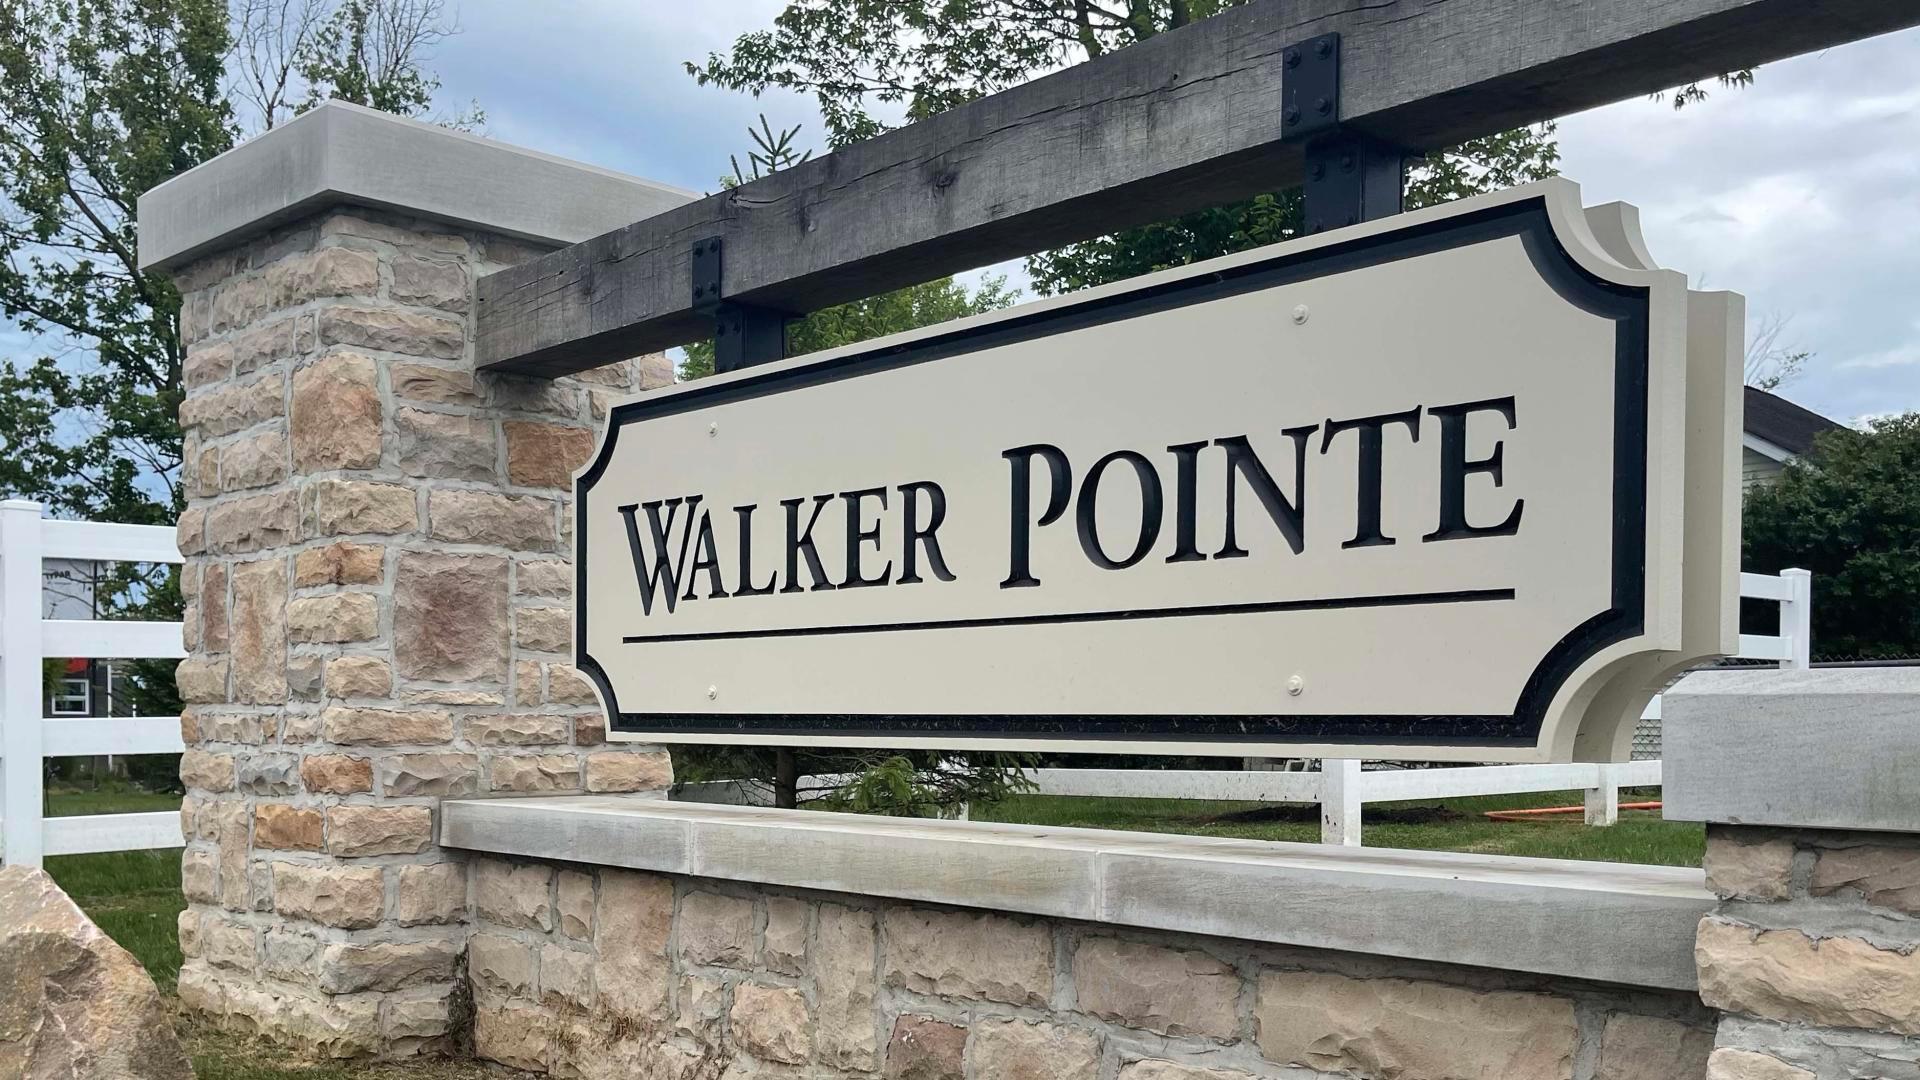 Walker Pointe,43116